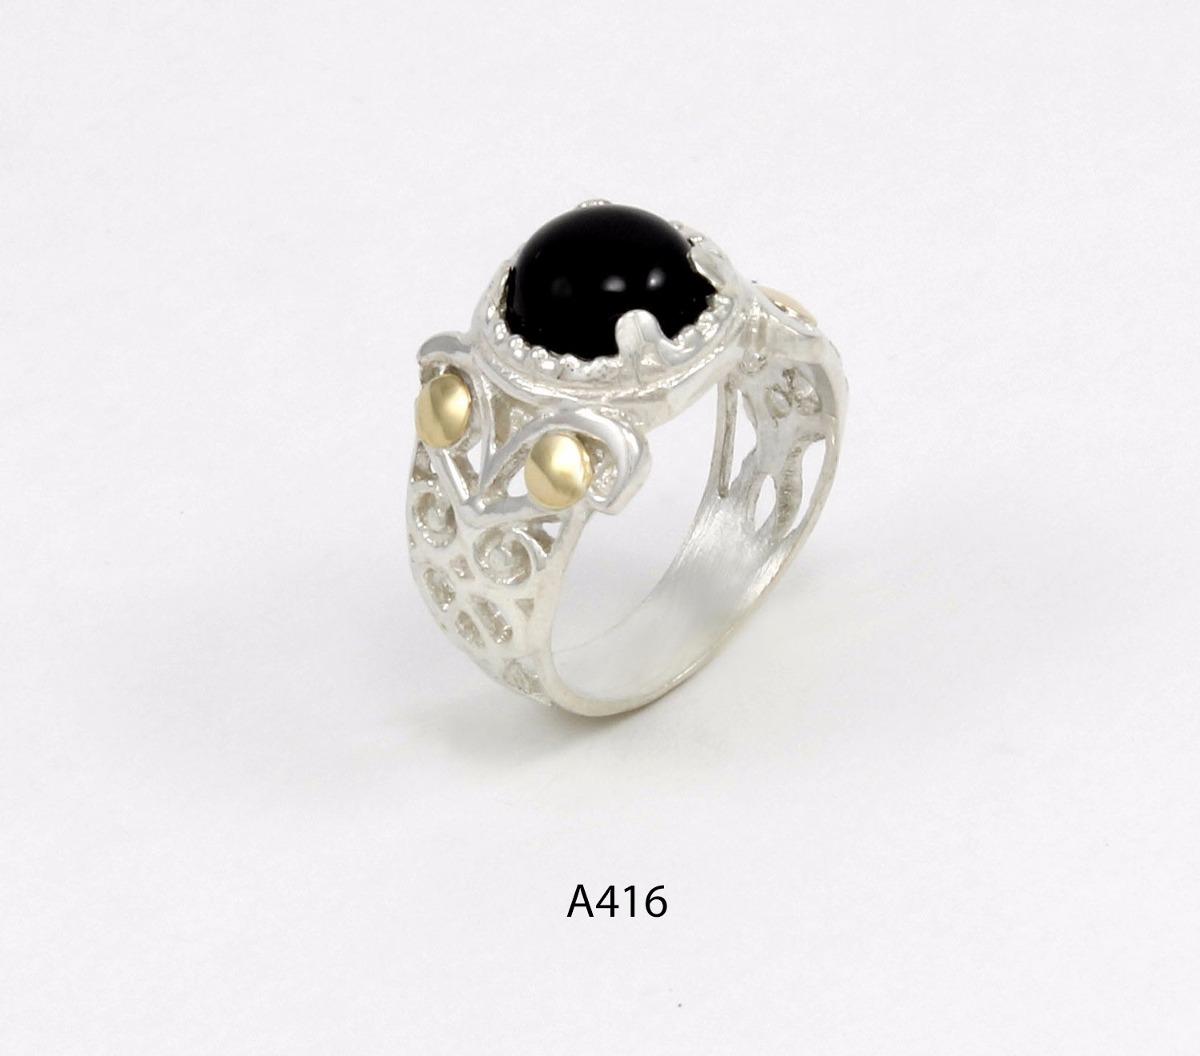 bc9d4ae7d2c9 anillo de plata 925 y oro codigo a416 piedra negra. Cargando zoom.